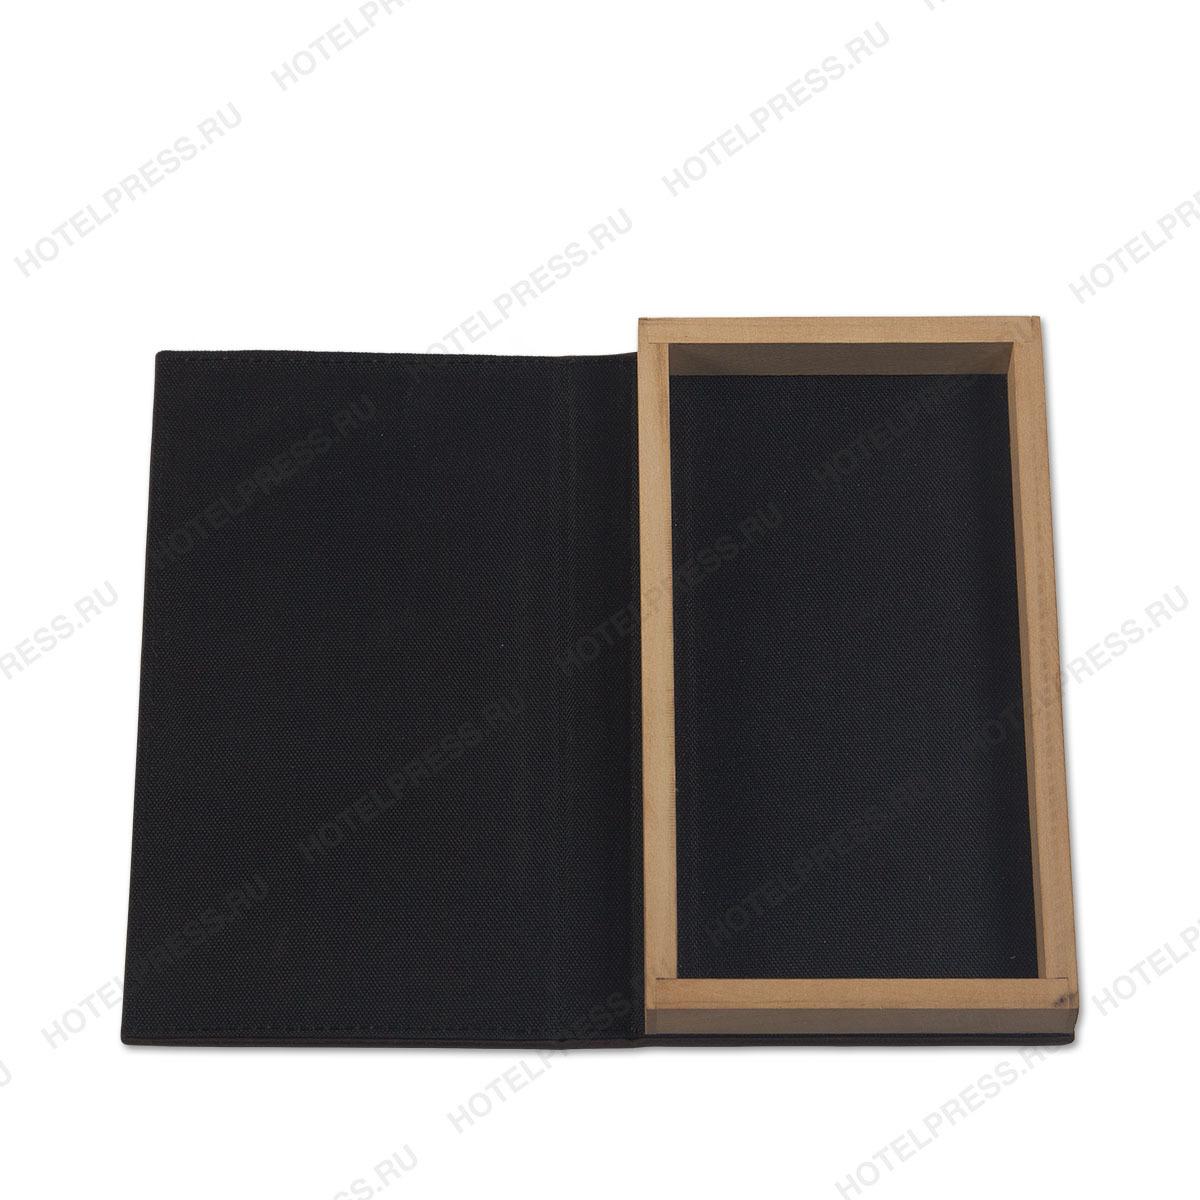 Объемная папка для счёта и денег с прошивкой и деревянной рамкой